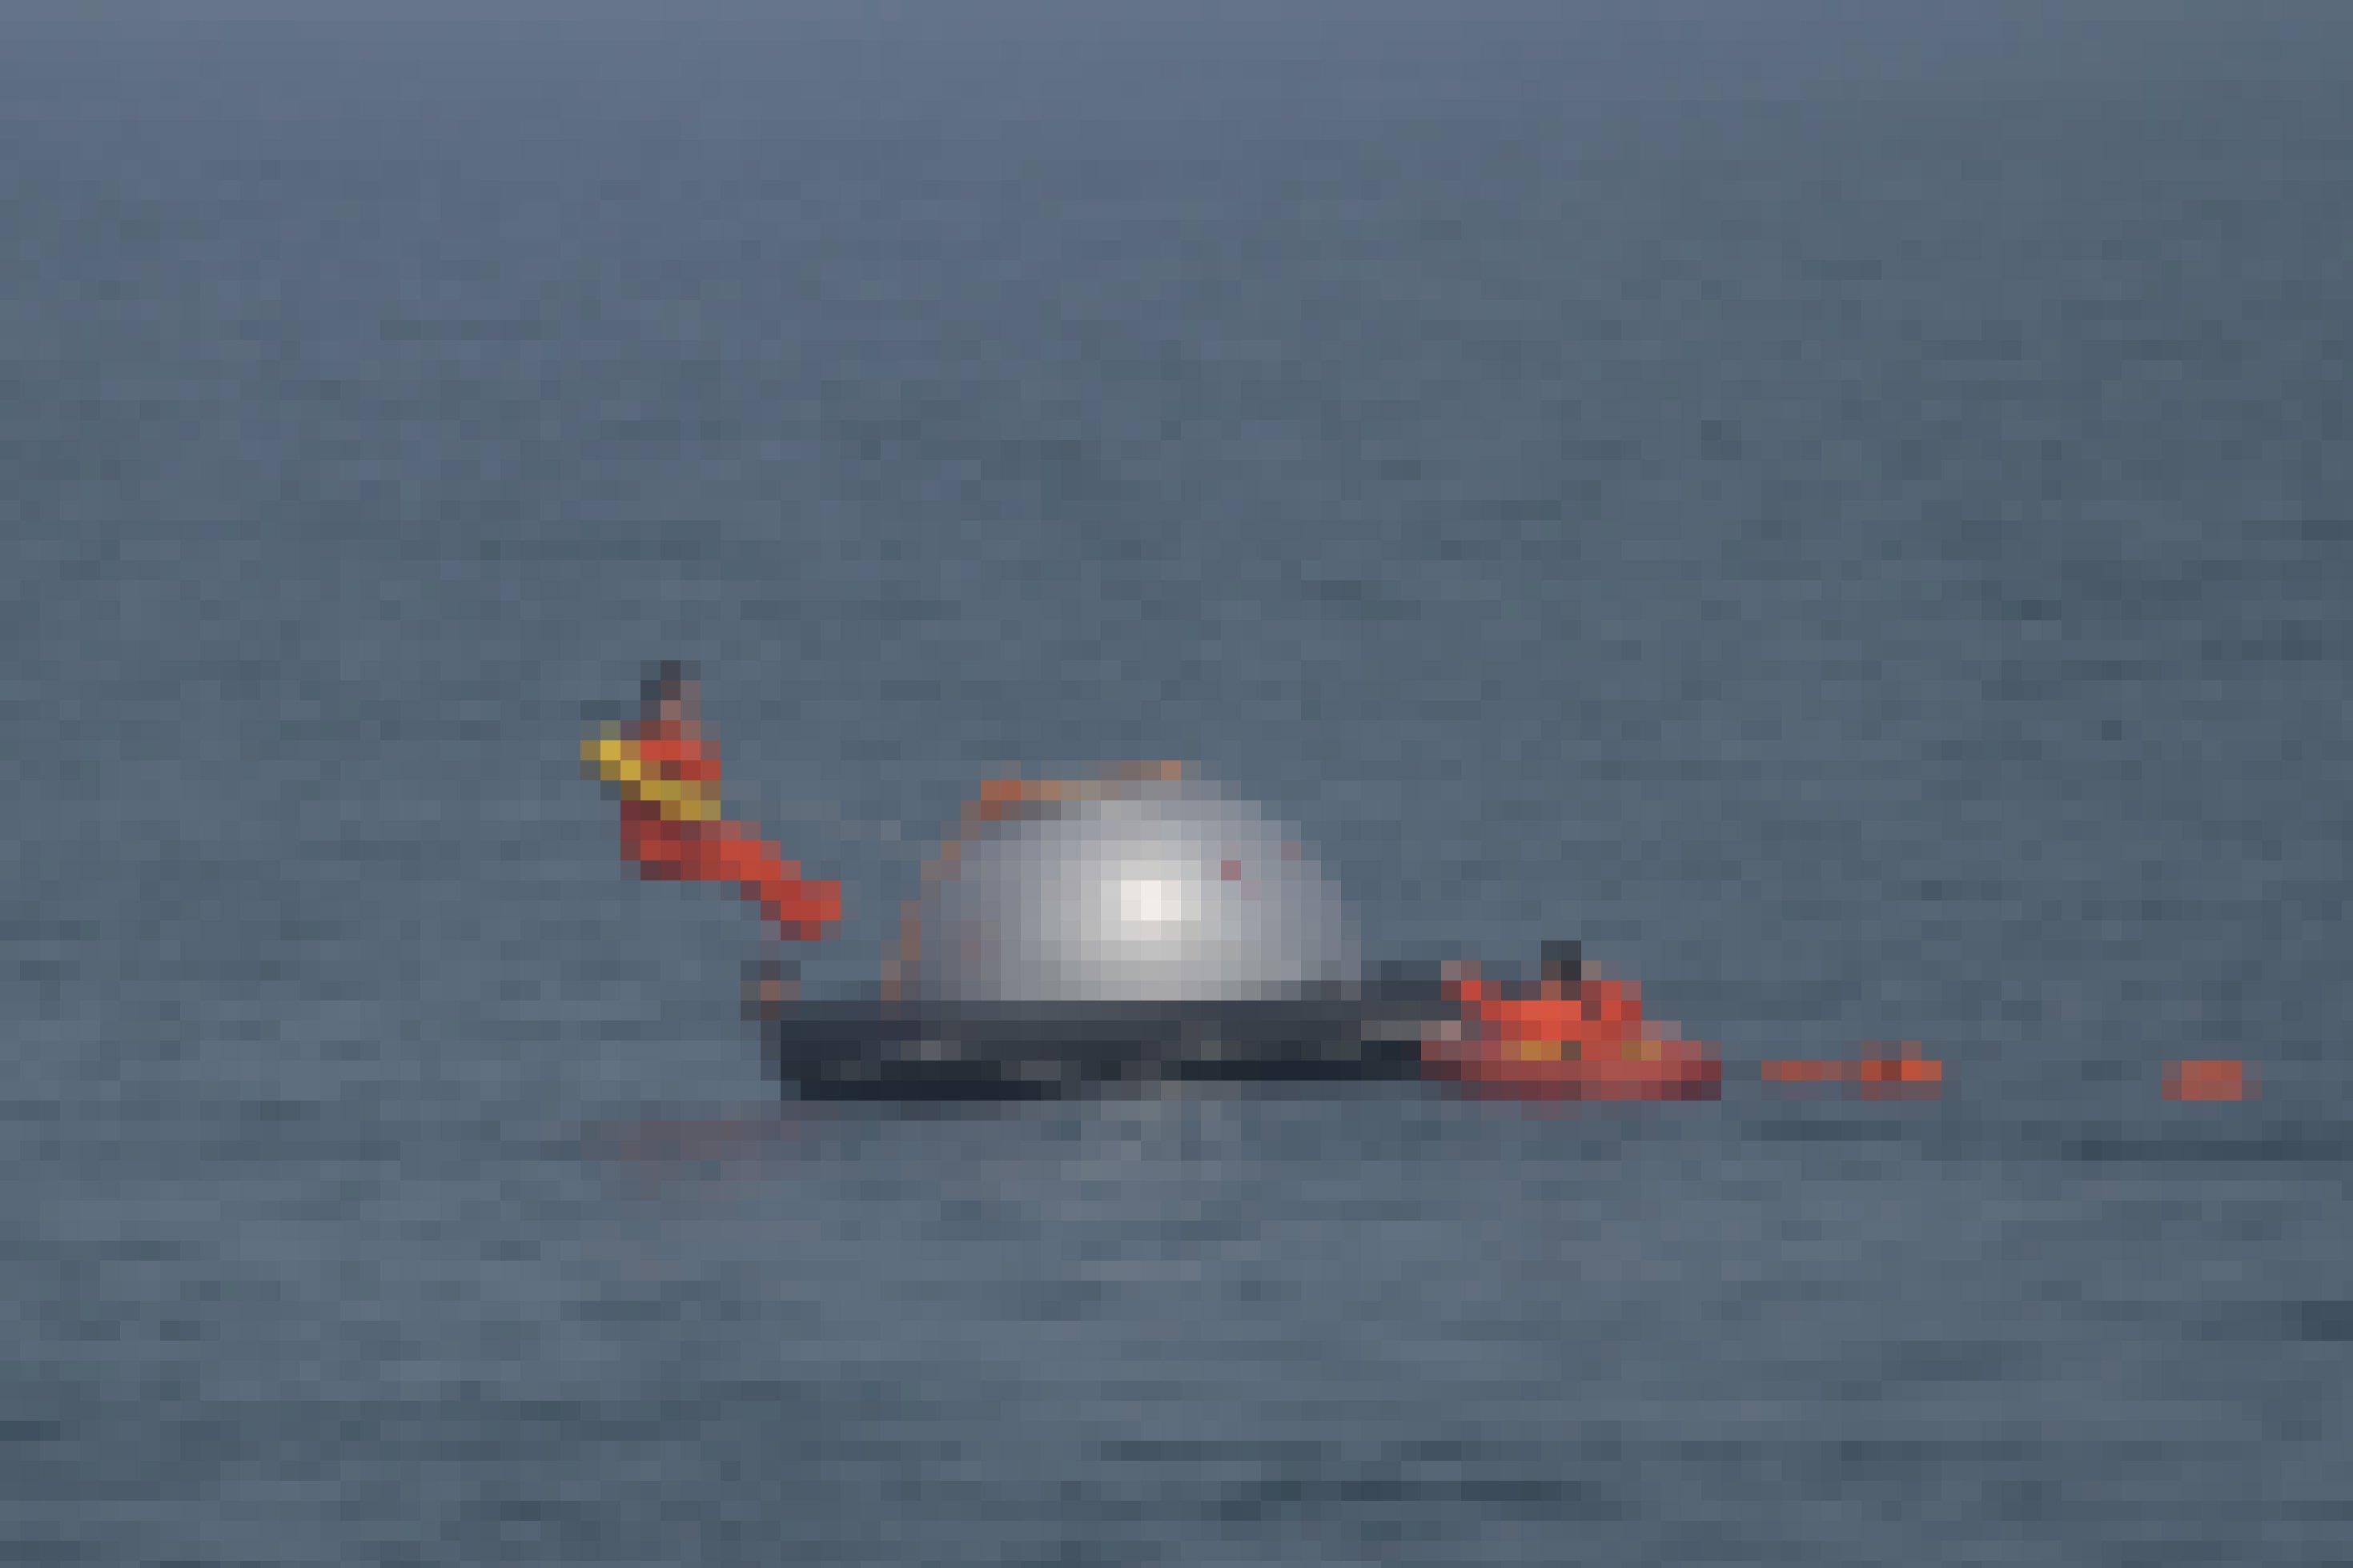 Mitten im Meer schwimmt eine Shenzhou-Kapsel: In der Ferne springt Matthias Maurer rückwärts ins Wasser